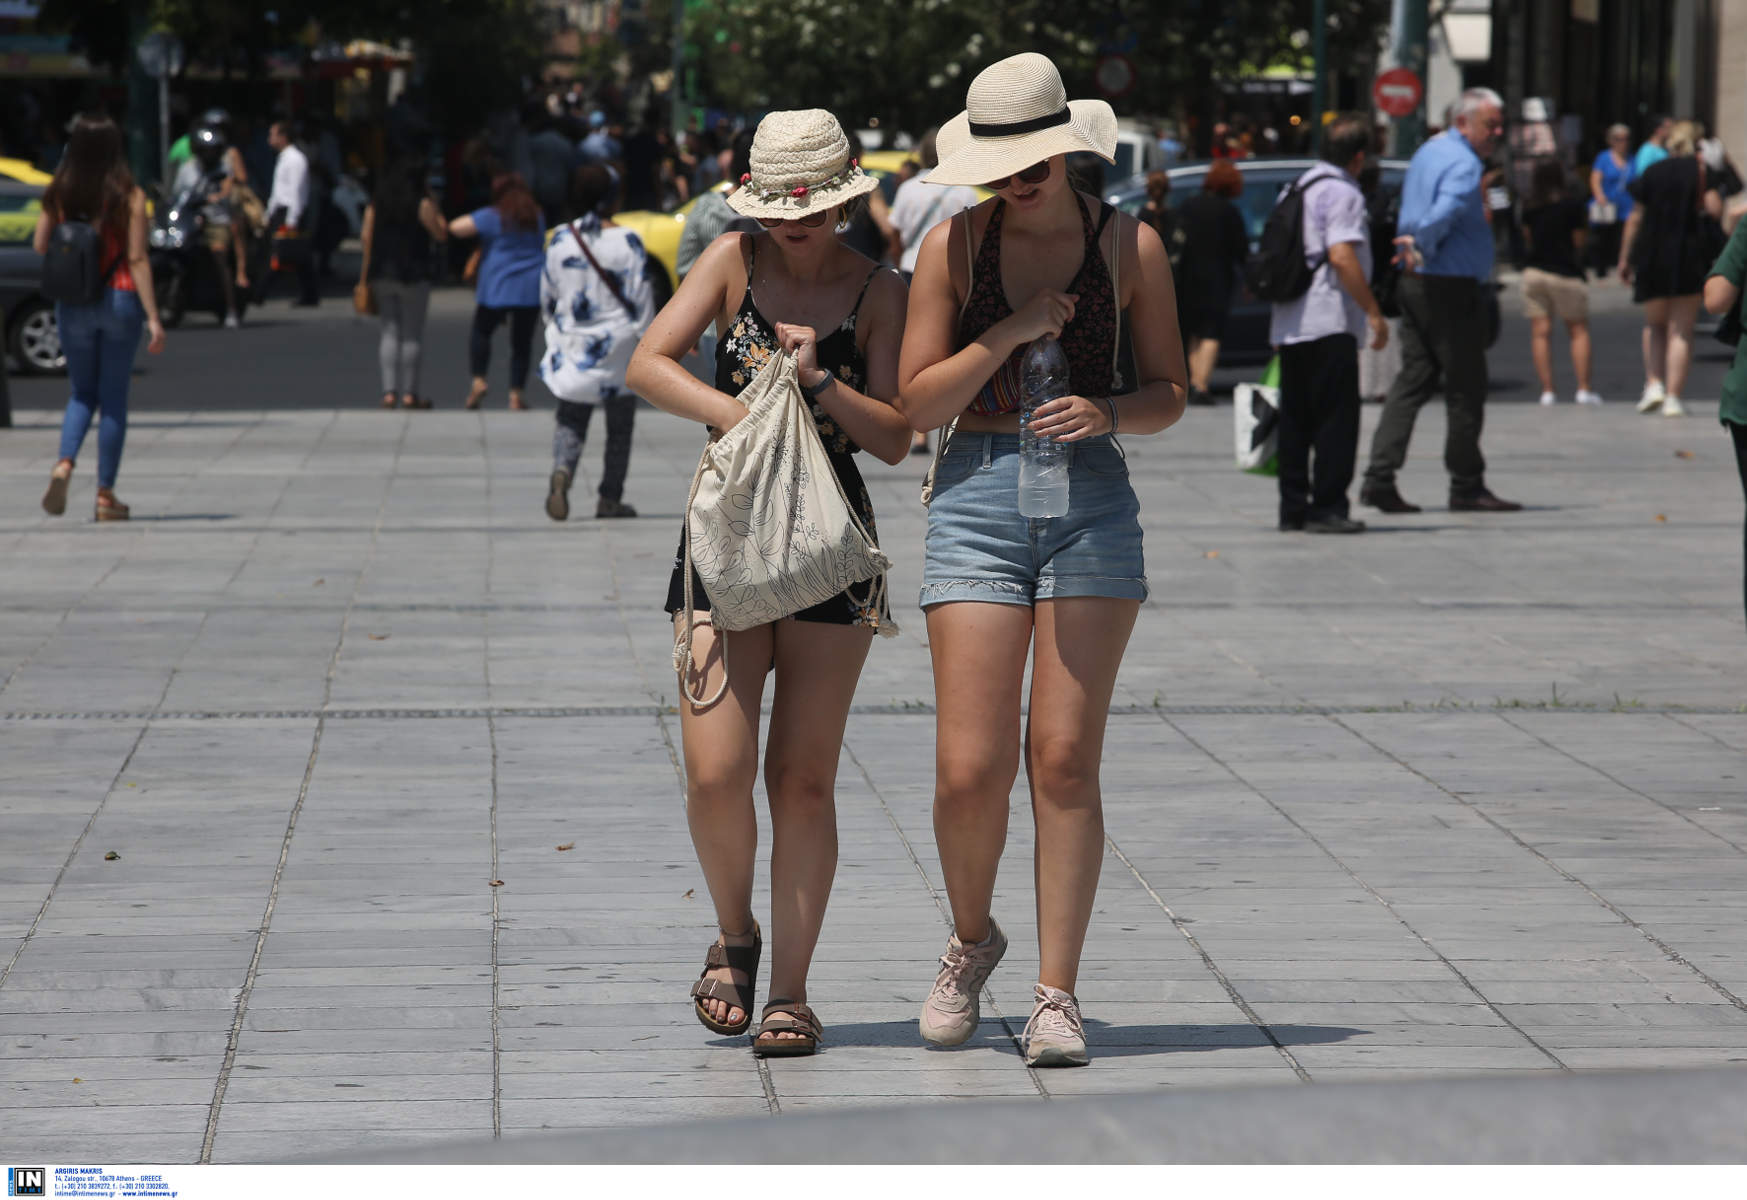 Καιρός: Ζέστη και σήμερα – Έως τους 37 βαθμούς η θερμοκρασία! Που θα βρέξει;